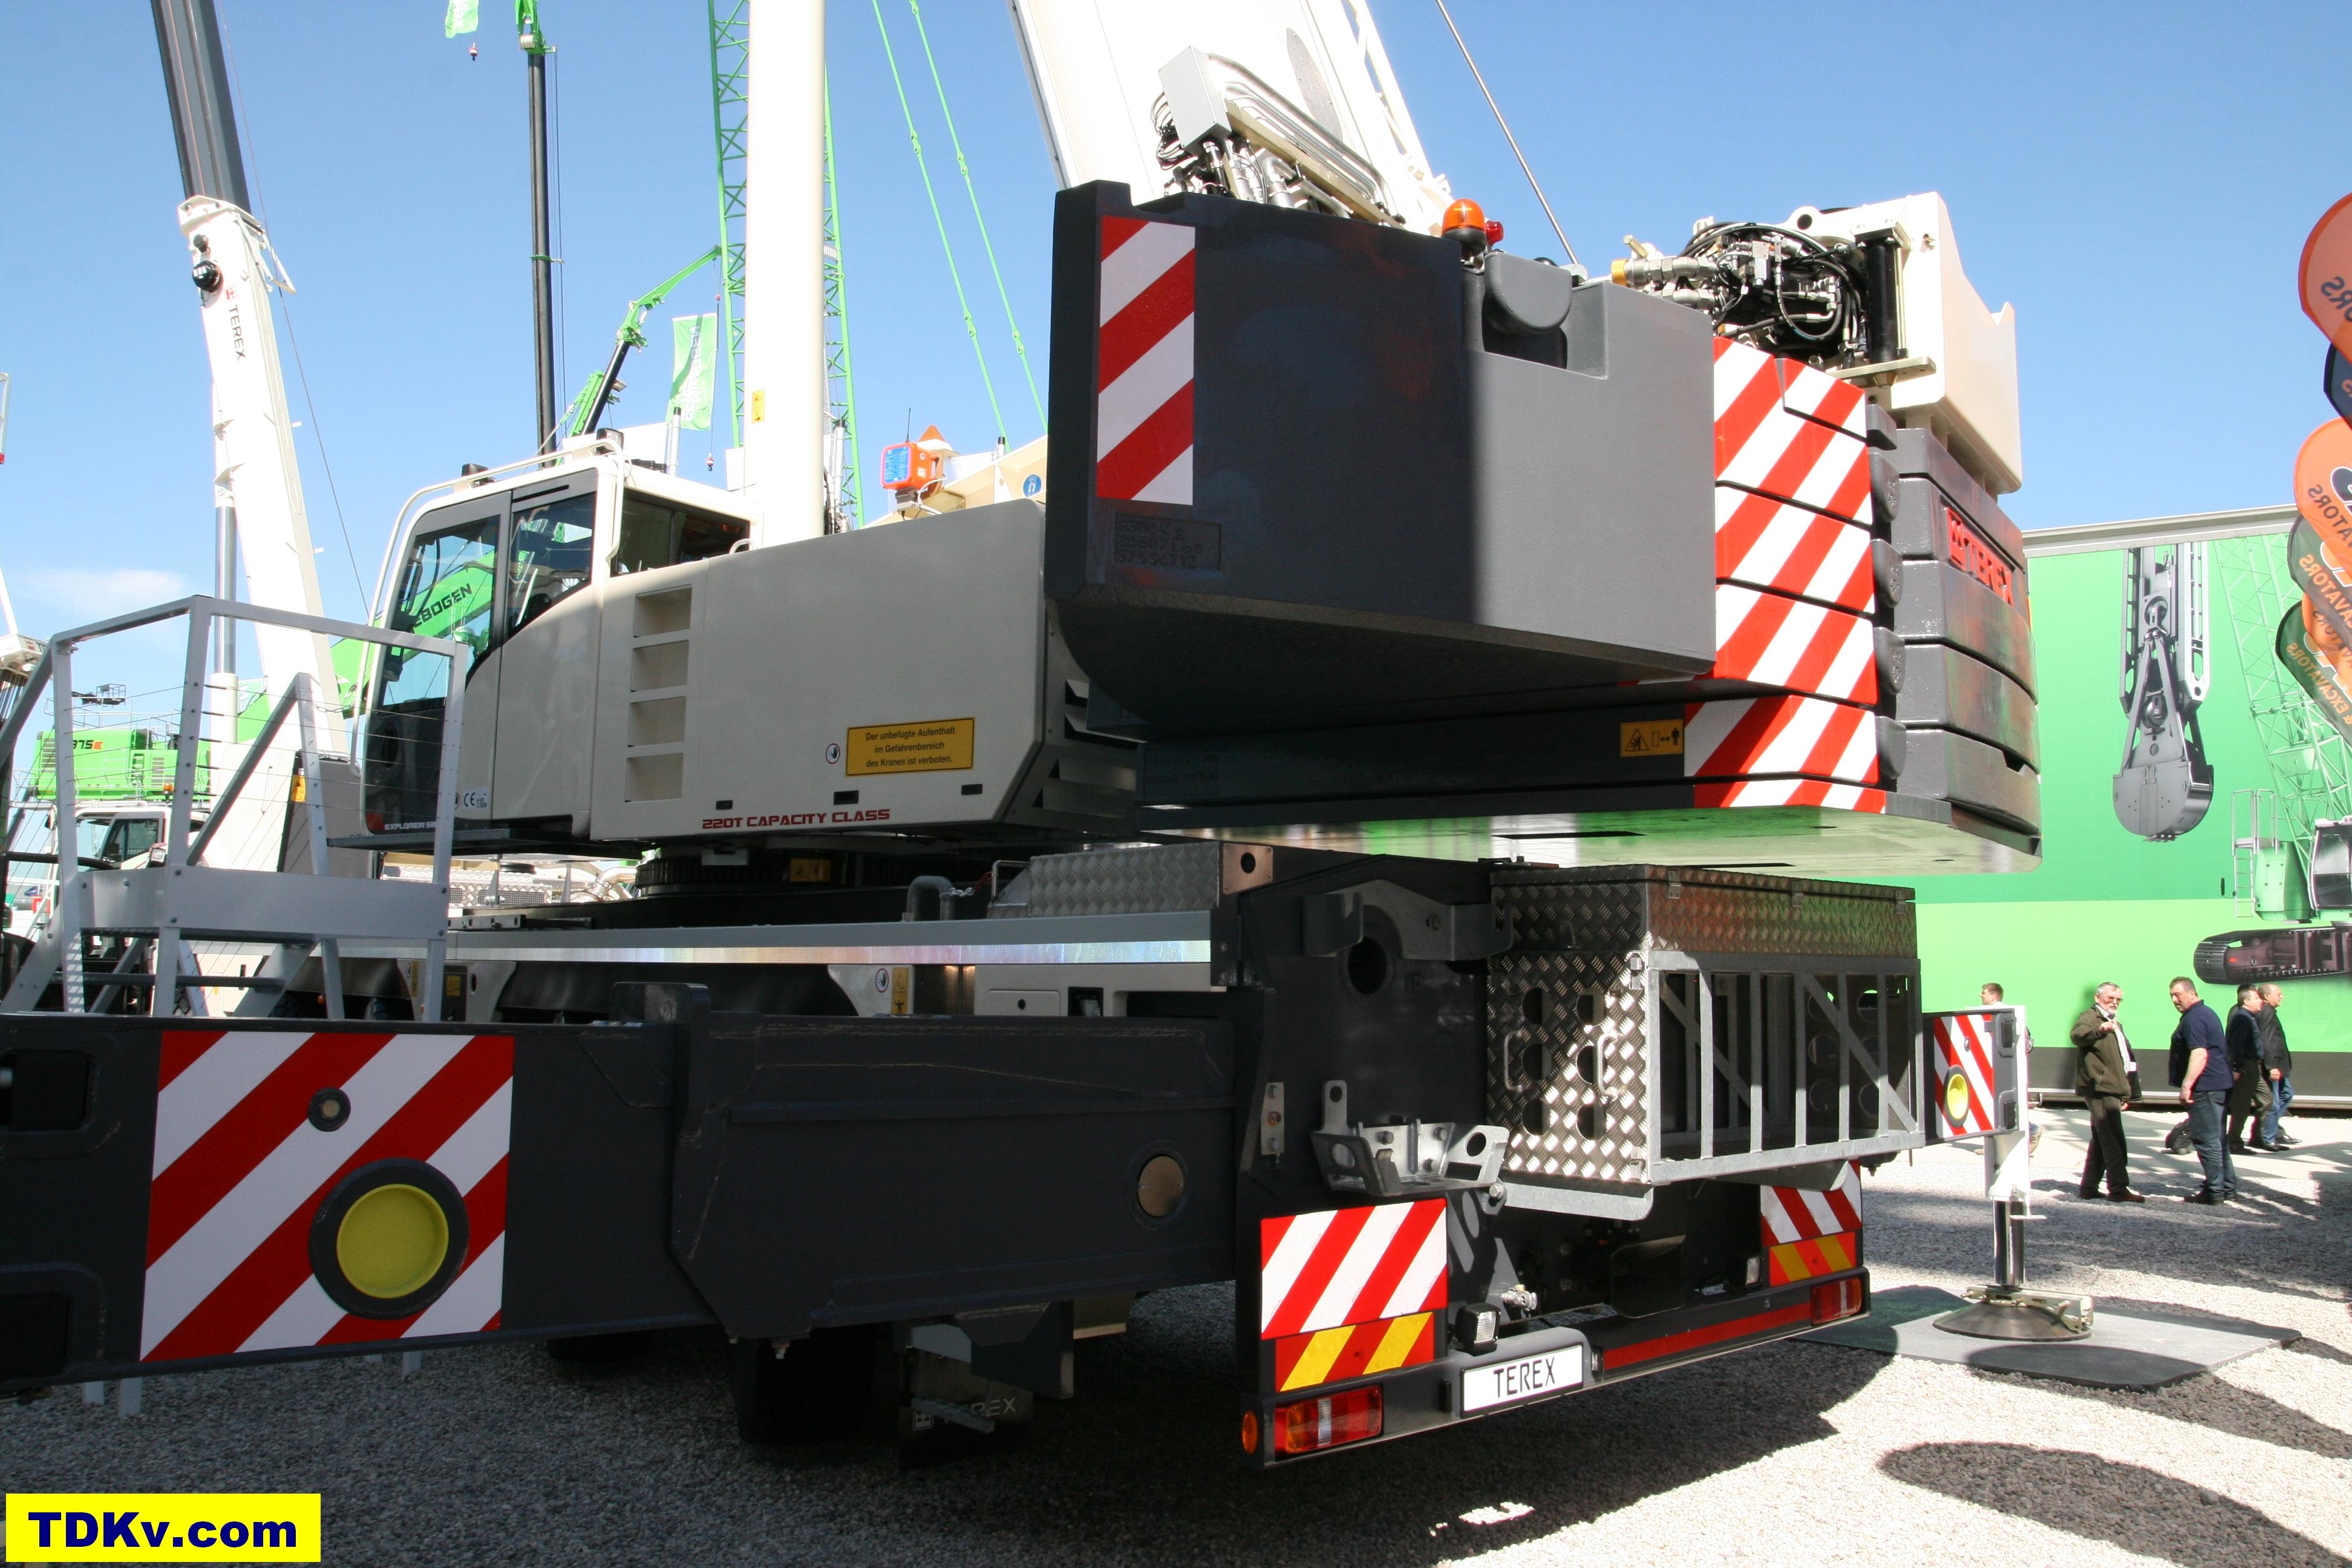 Terex crane Explorer 5800